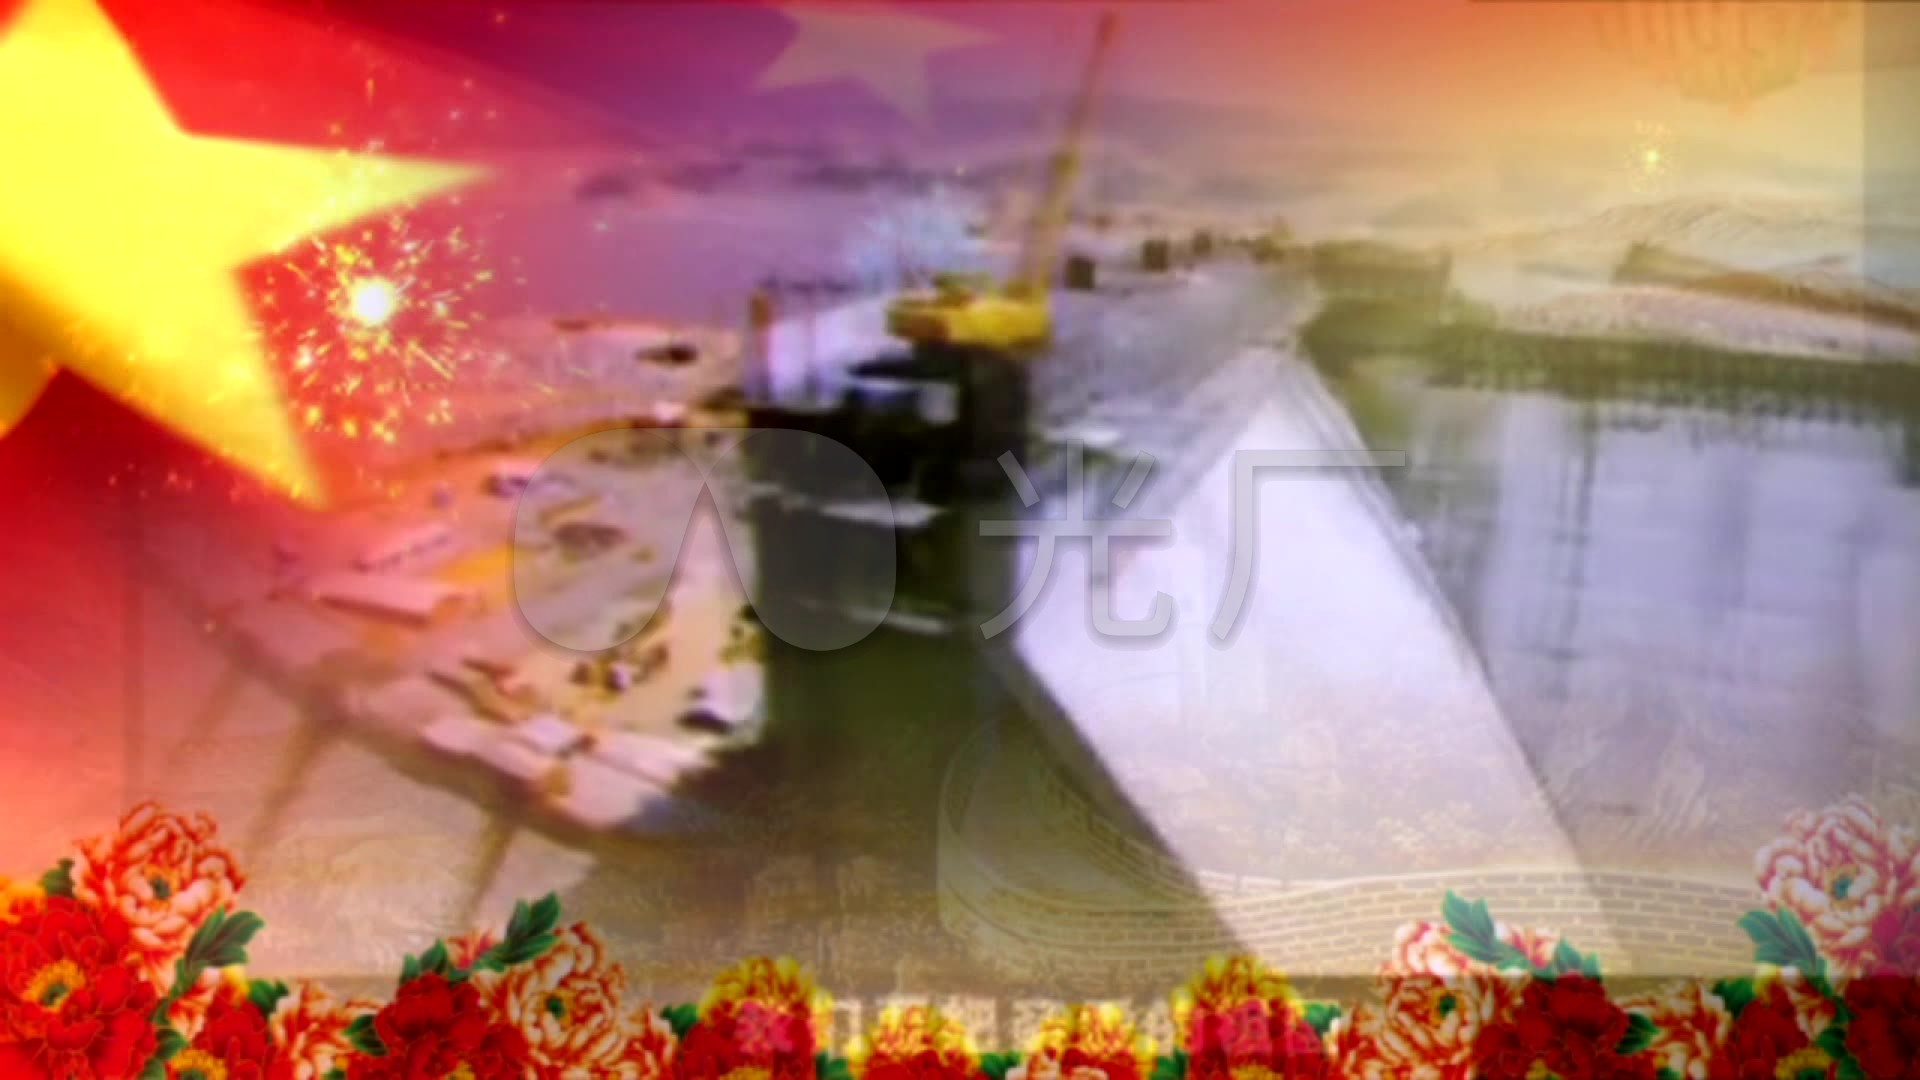 配乐成品歌曲国家舞台舞美视频背景_1920X1